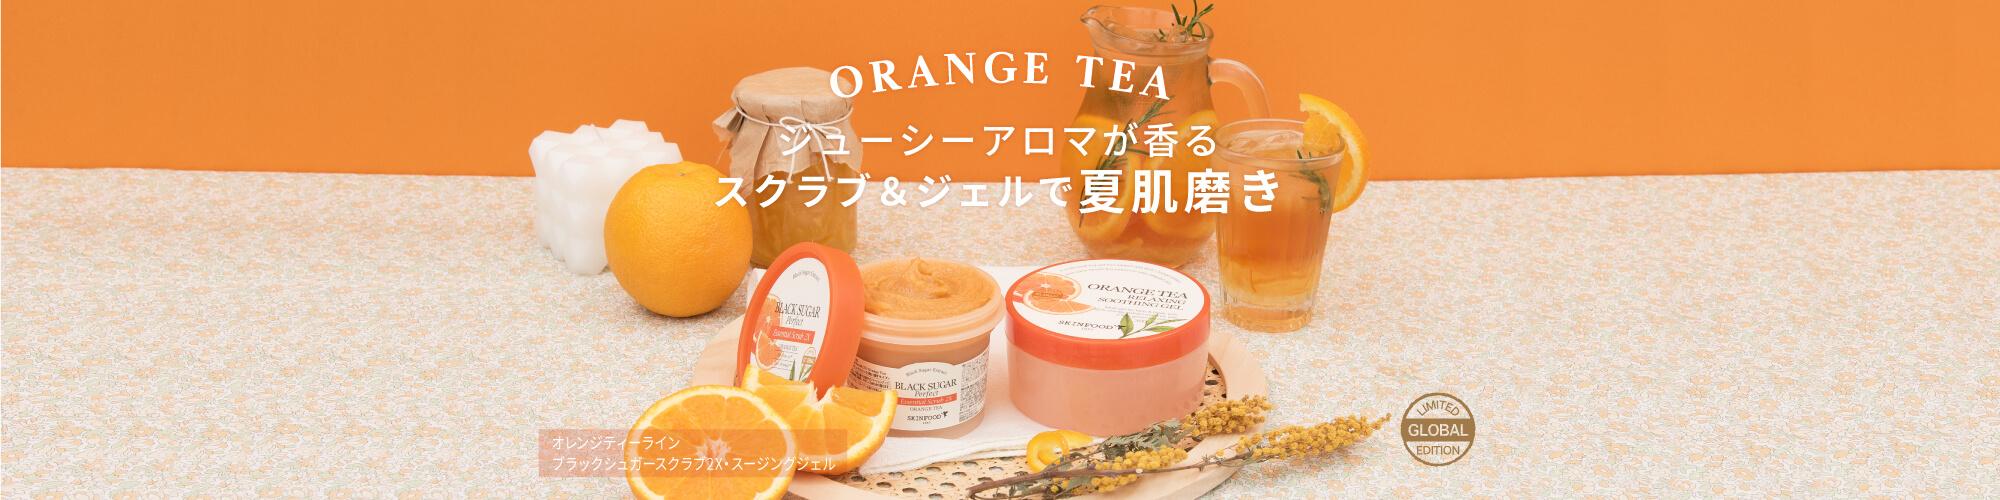 オレンジティーライン